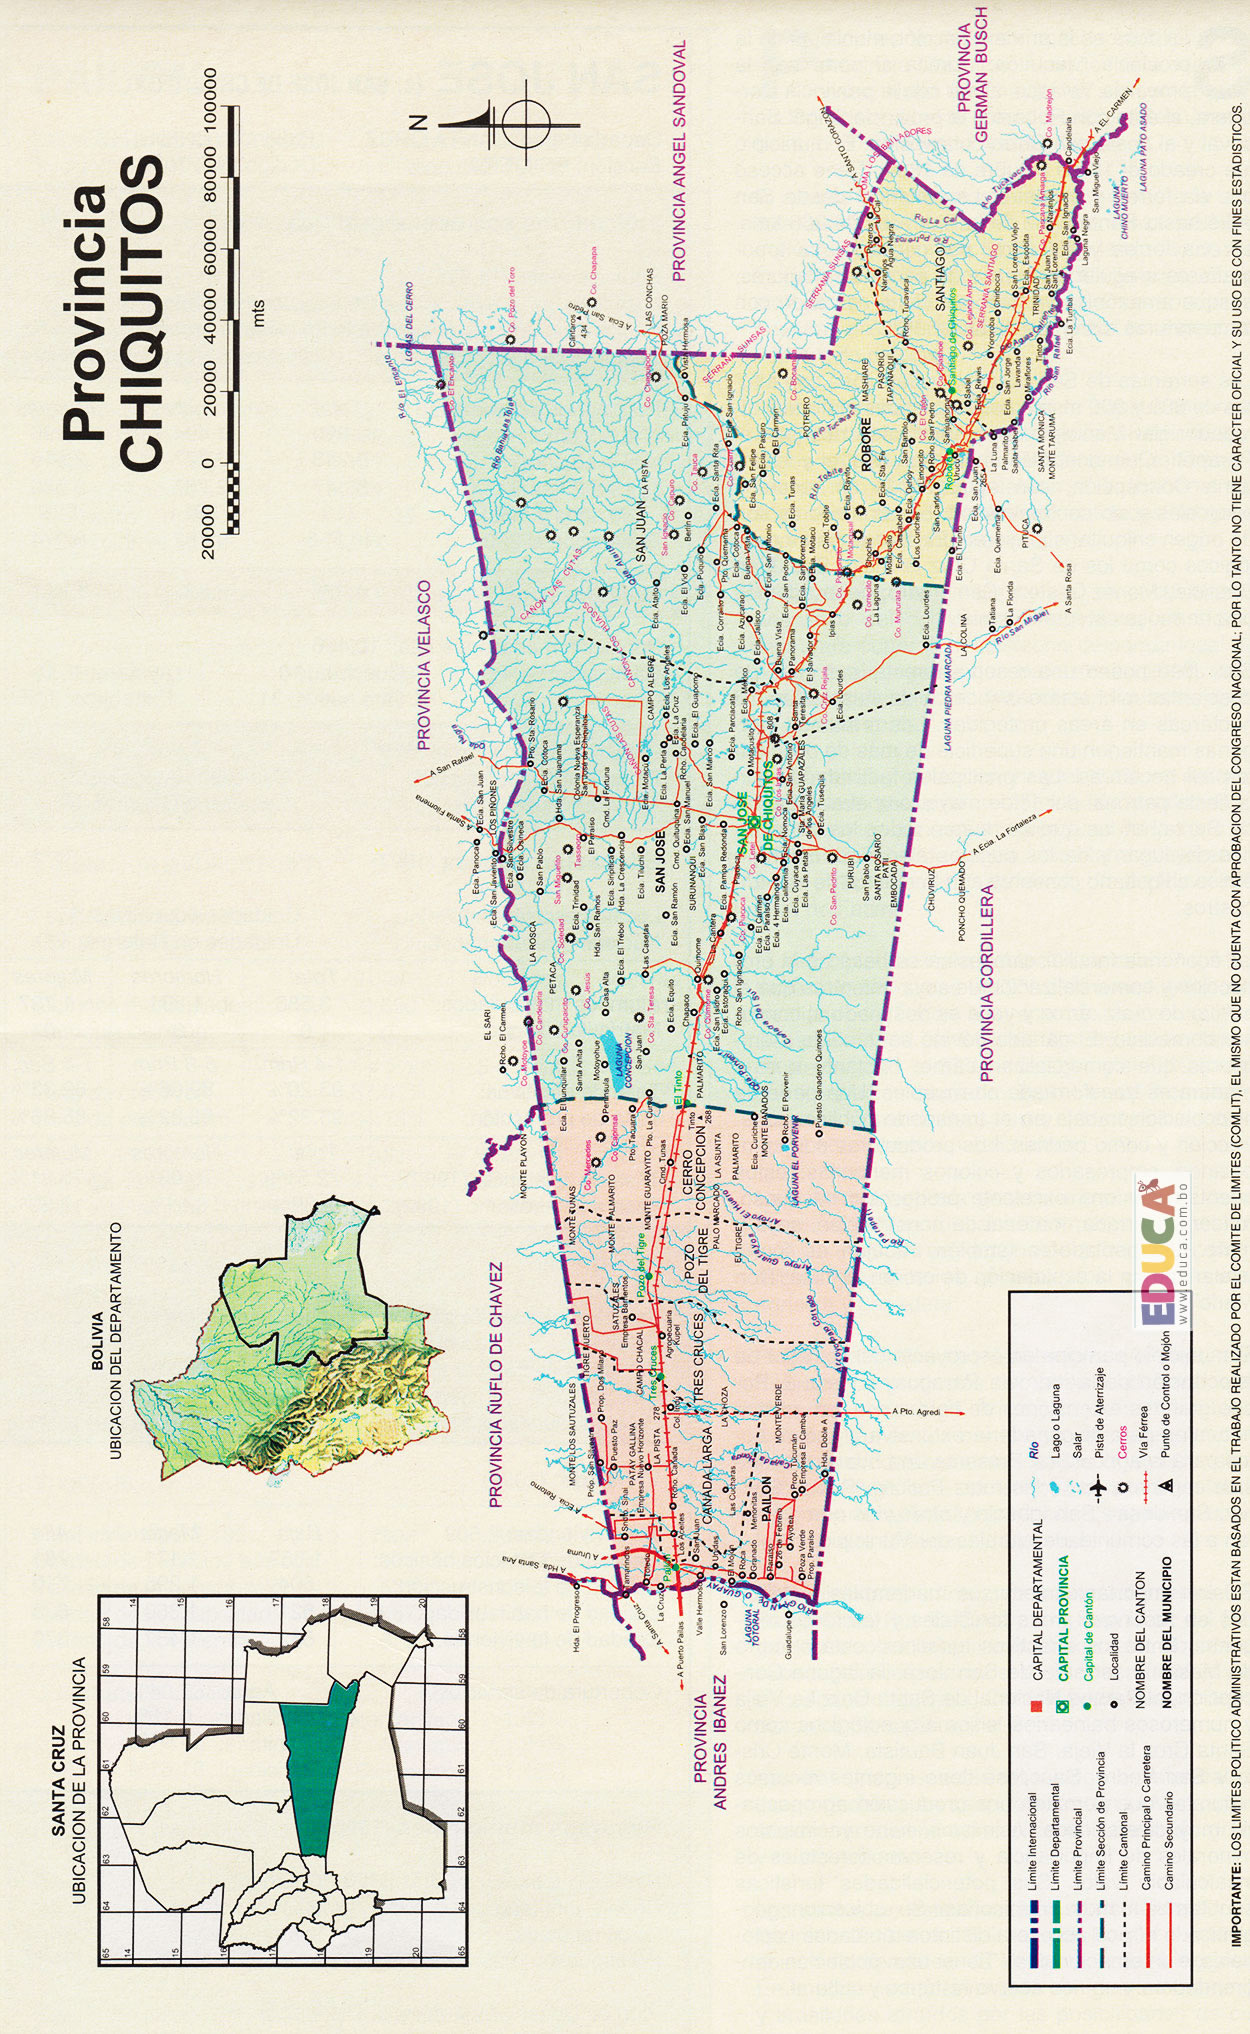 Provincia chiquitos mapa departamento de santa cruz Departamentos chiquitos